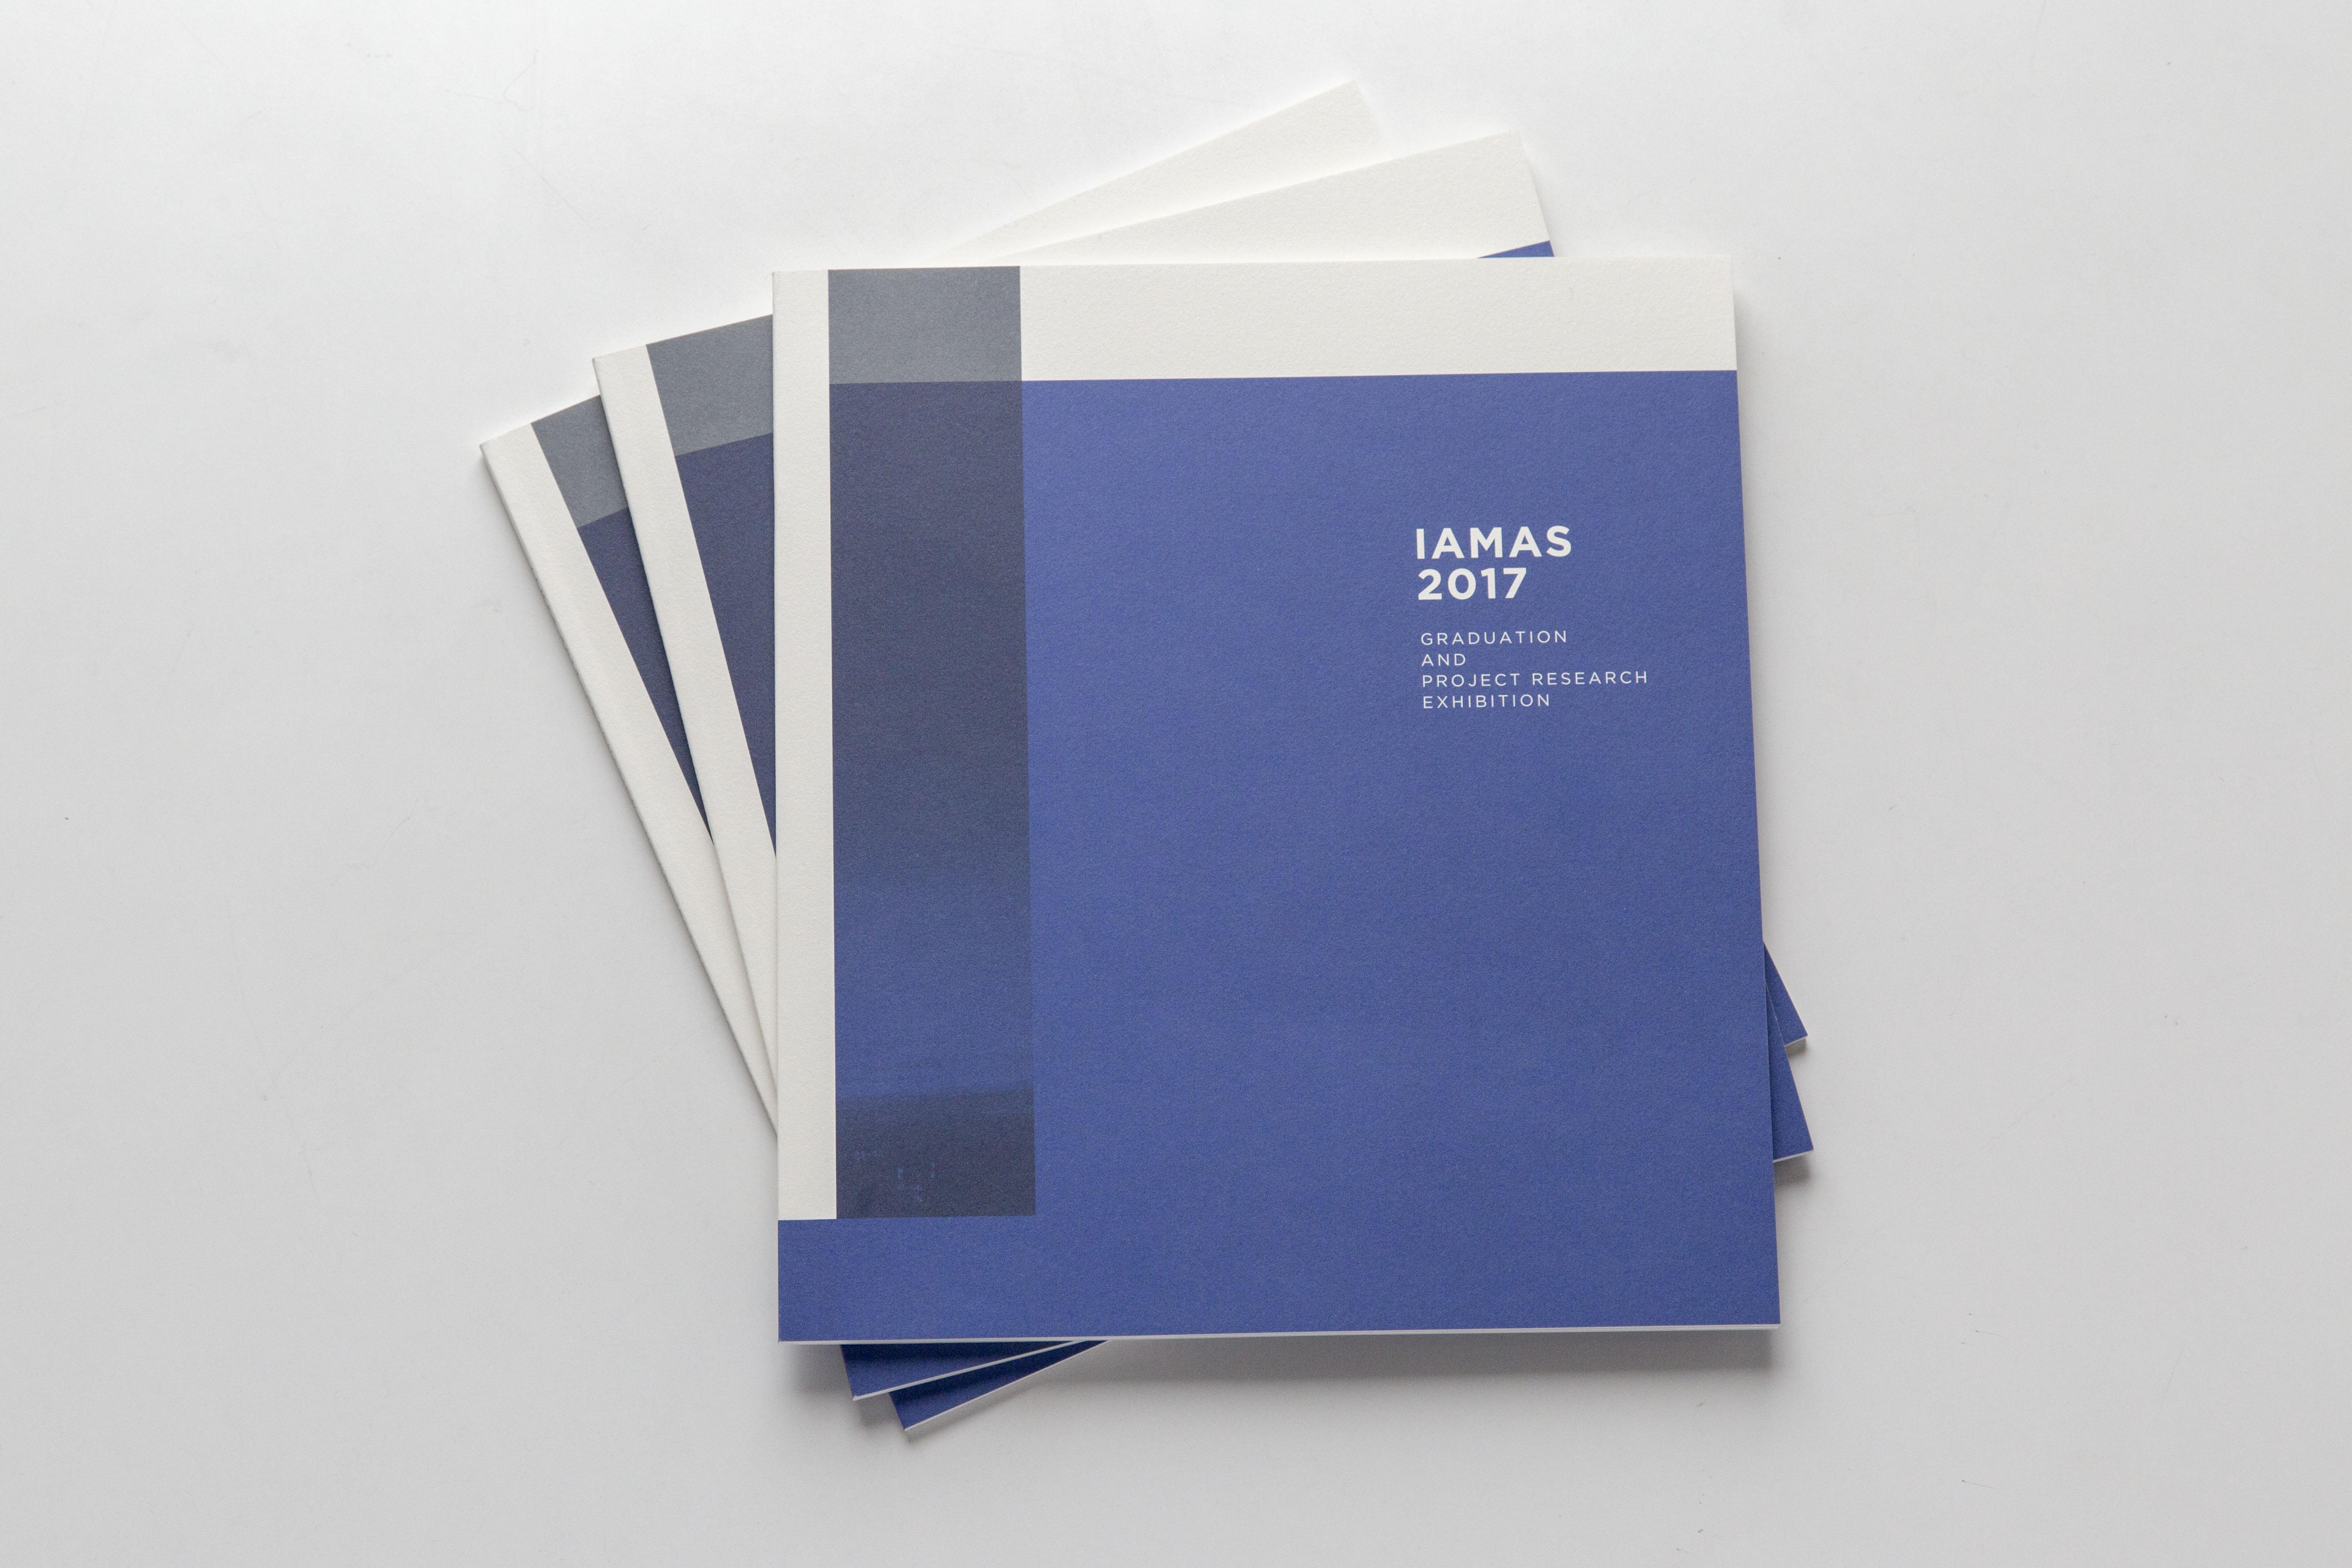 IAMAS 2017イメージ